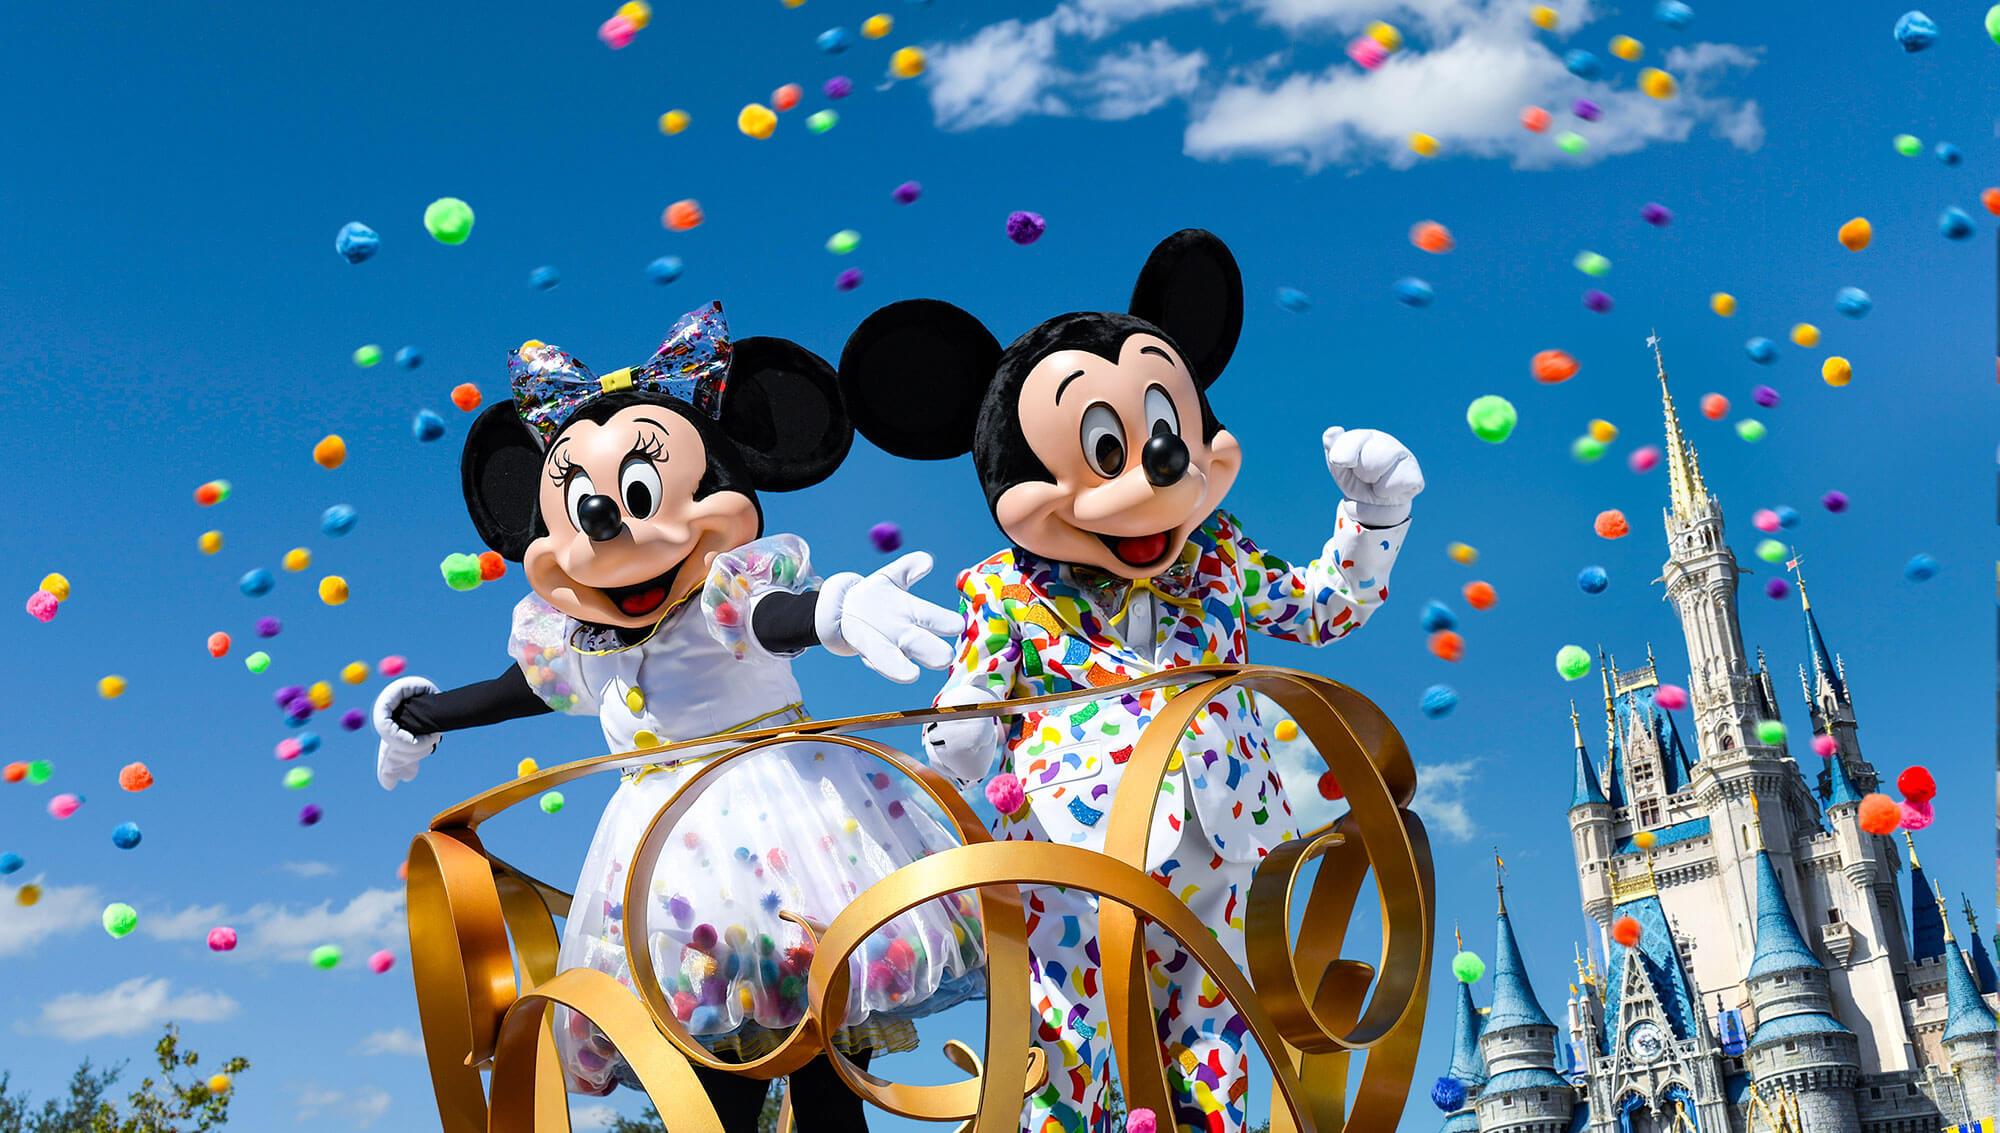 Novos preços dos ingressos da Disney Orlando em 2019: Mickey e Minnie